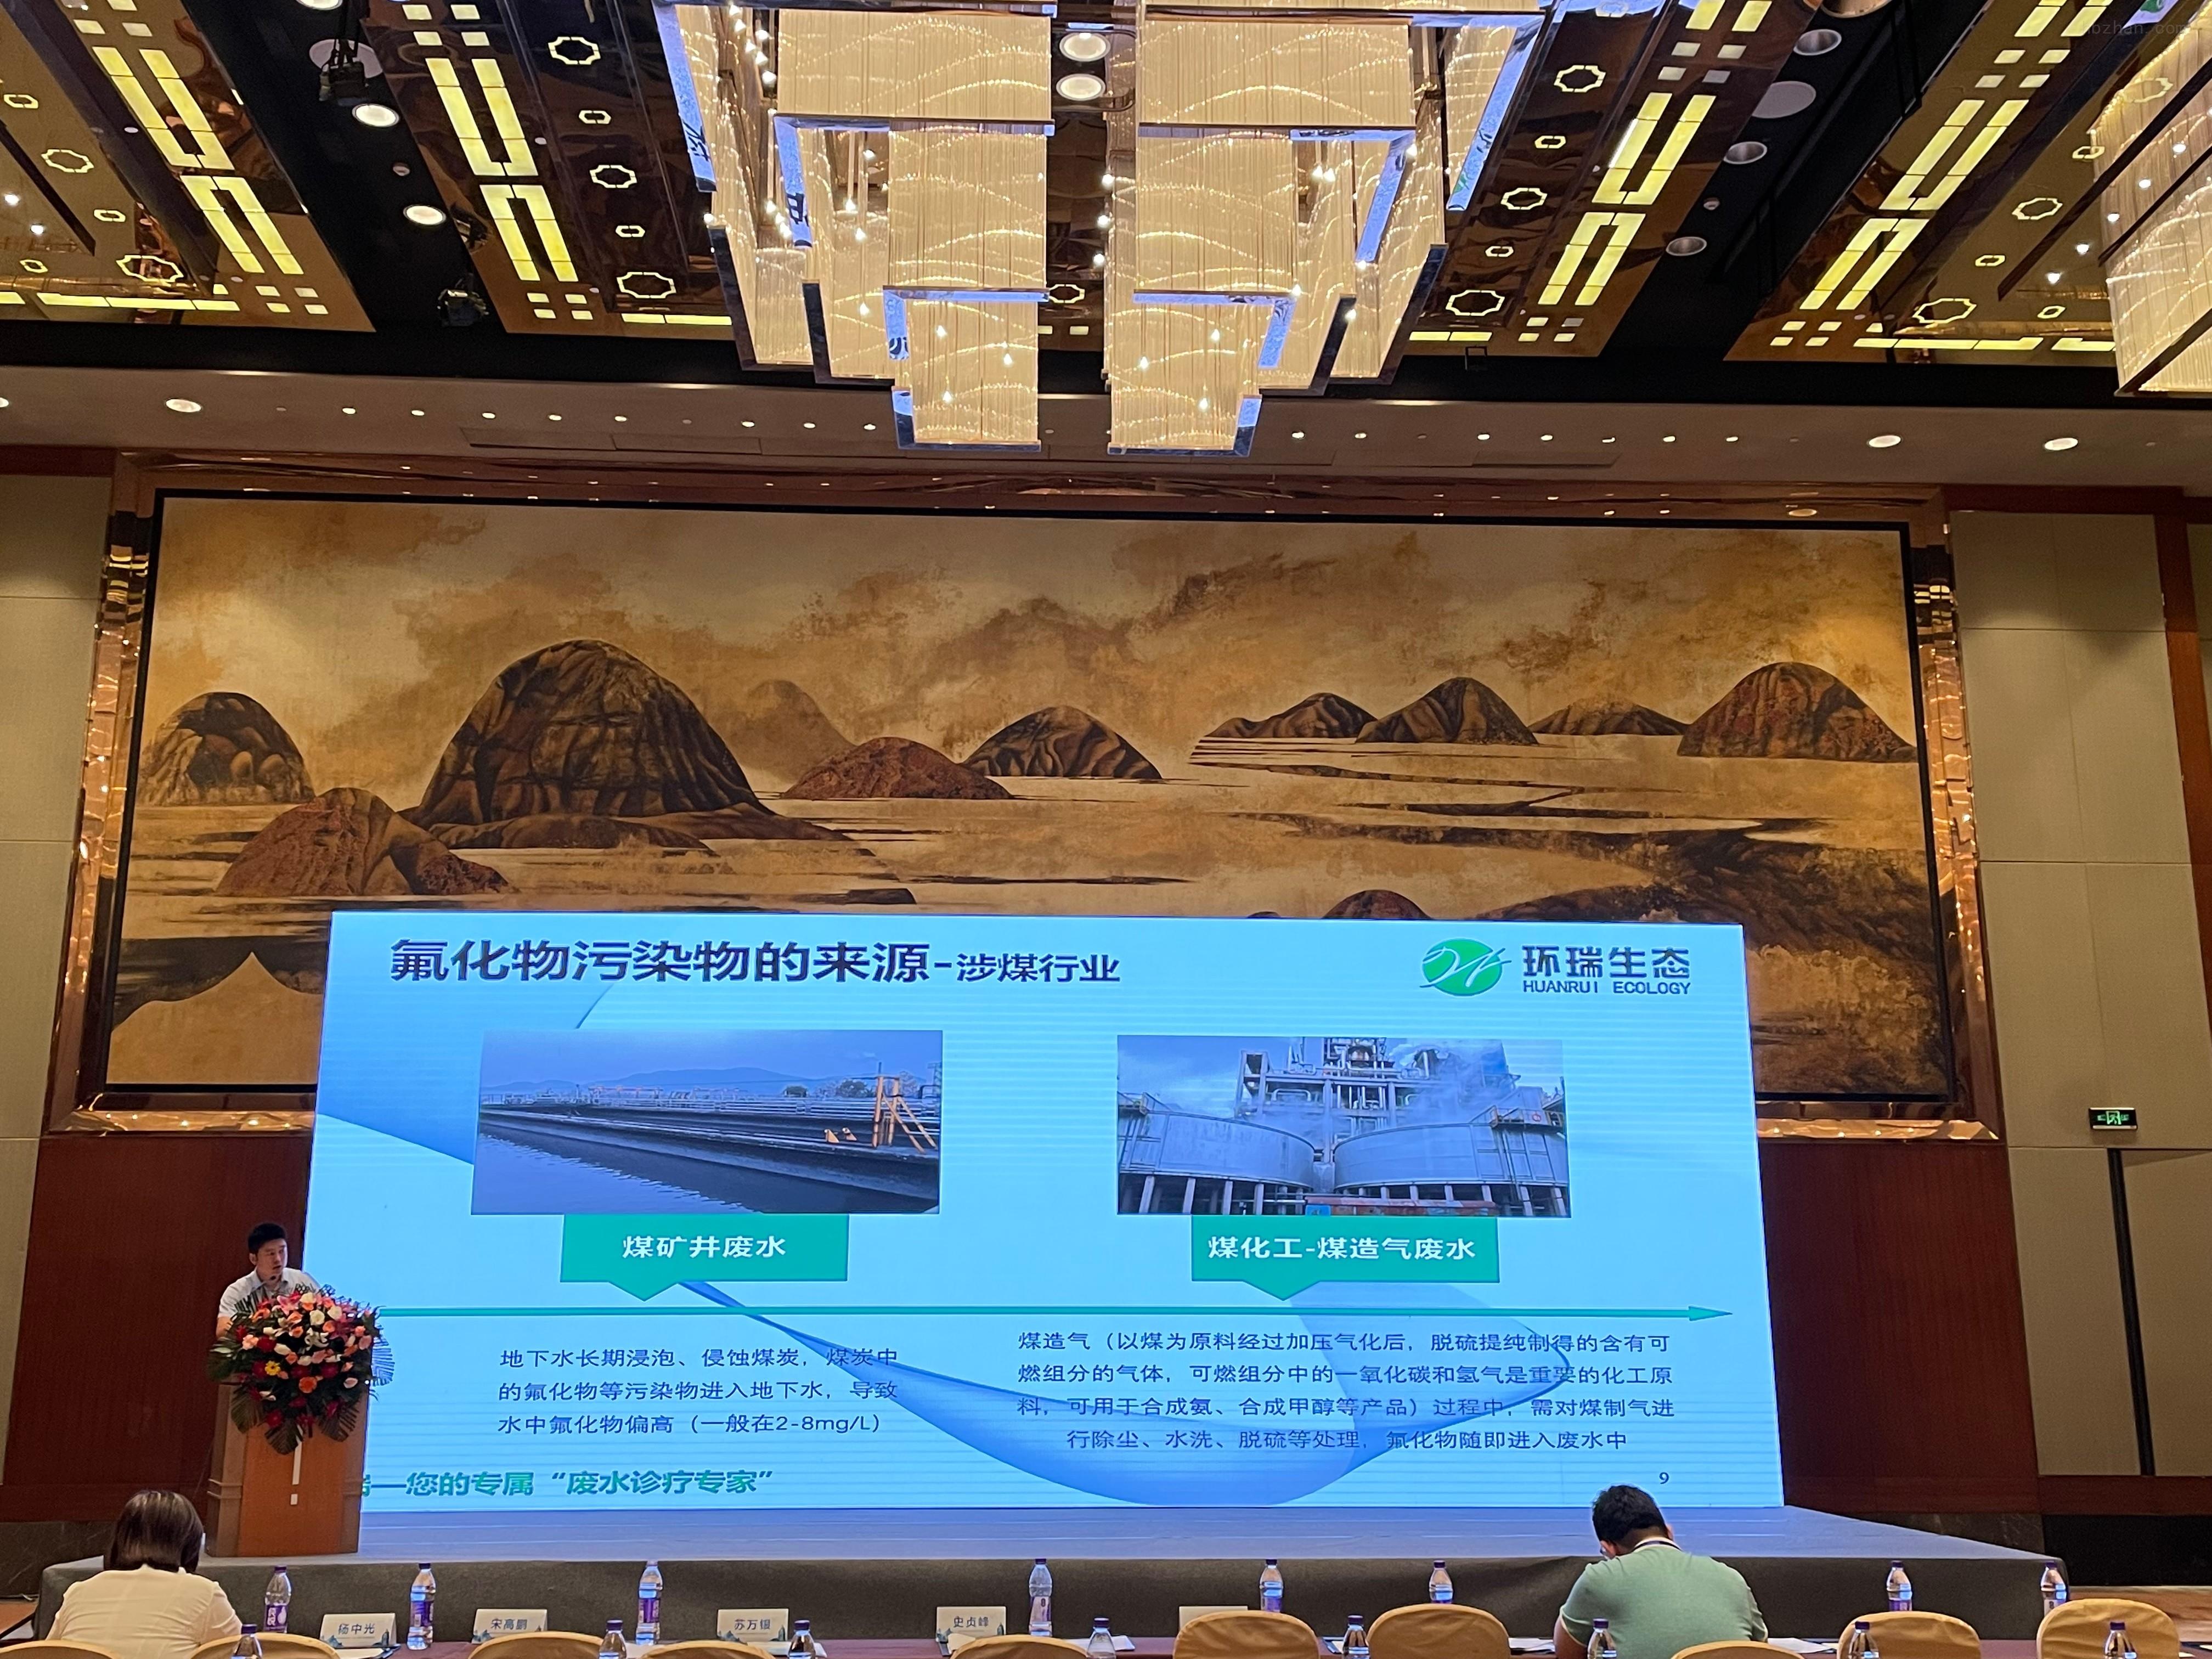 新型煤化工国际研讨会